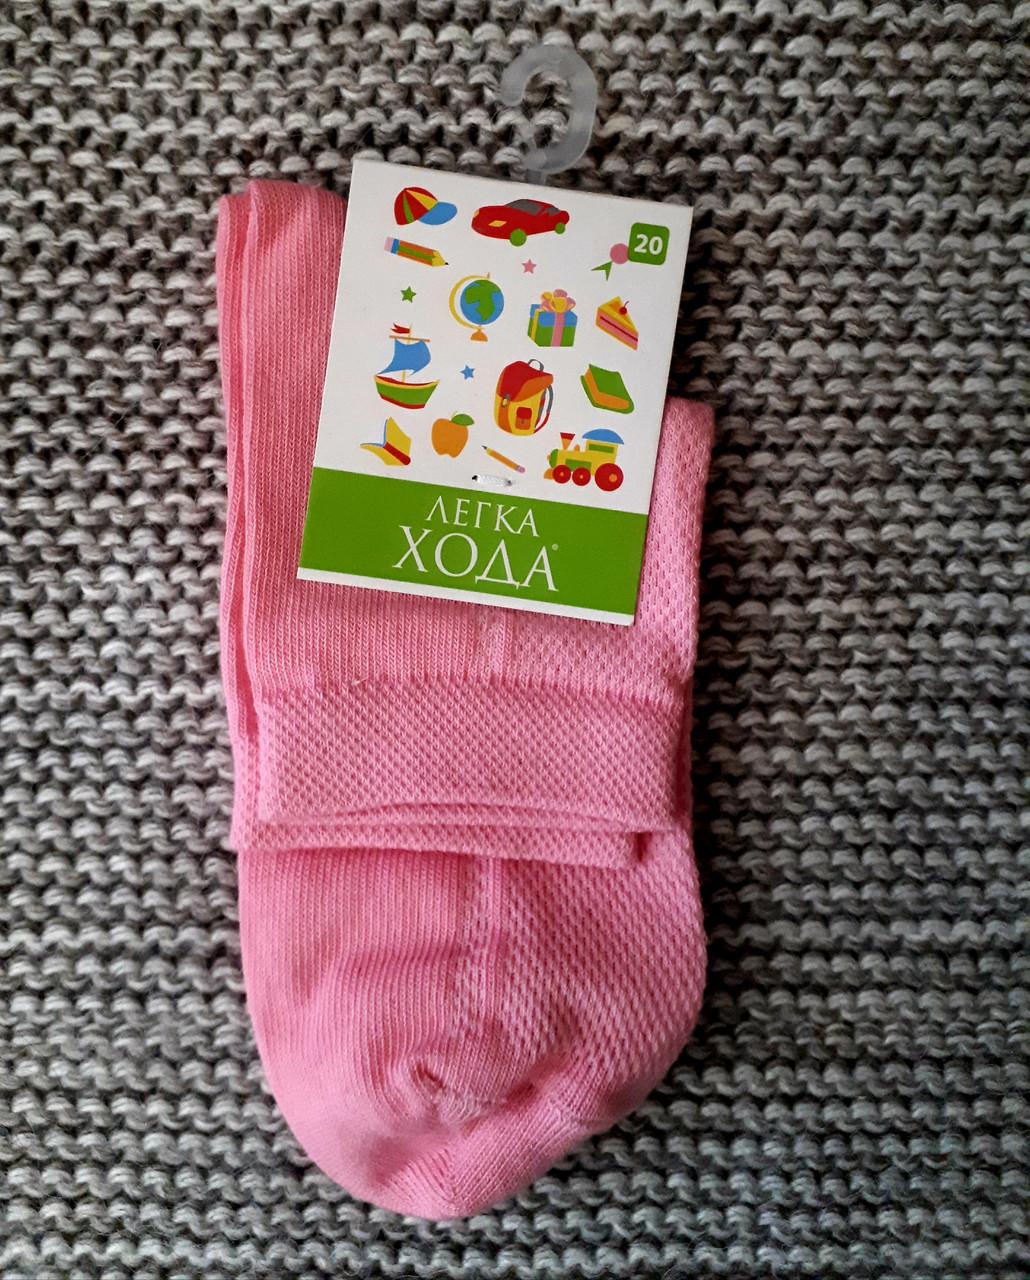 Носочки хлопковые детские розового цвета в дырочку ТМ Легка хода  (Украина)  размер 18 20